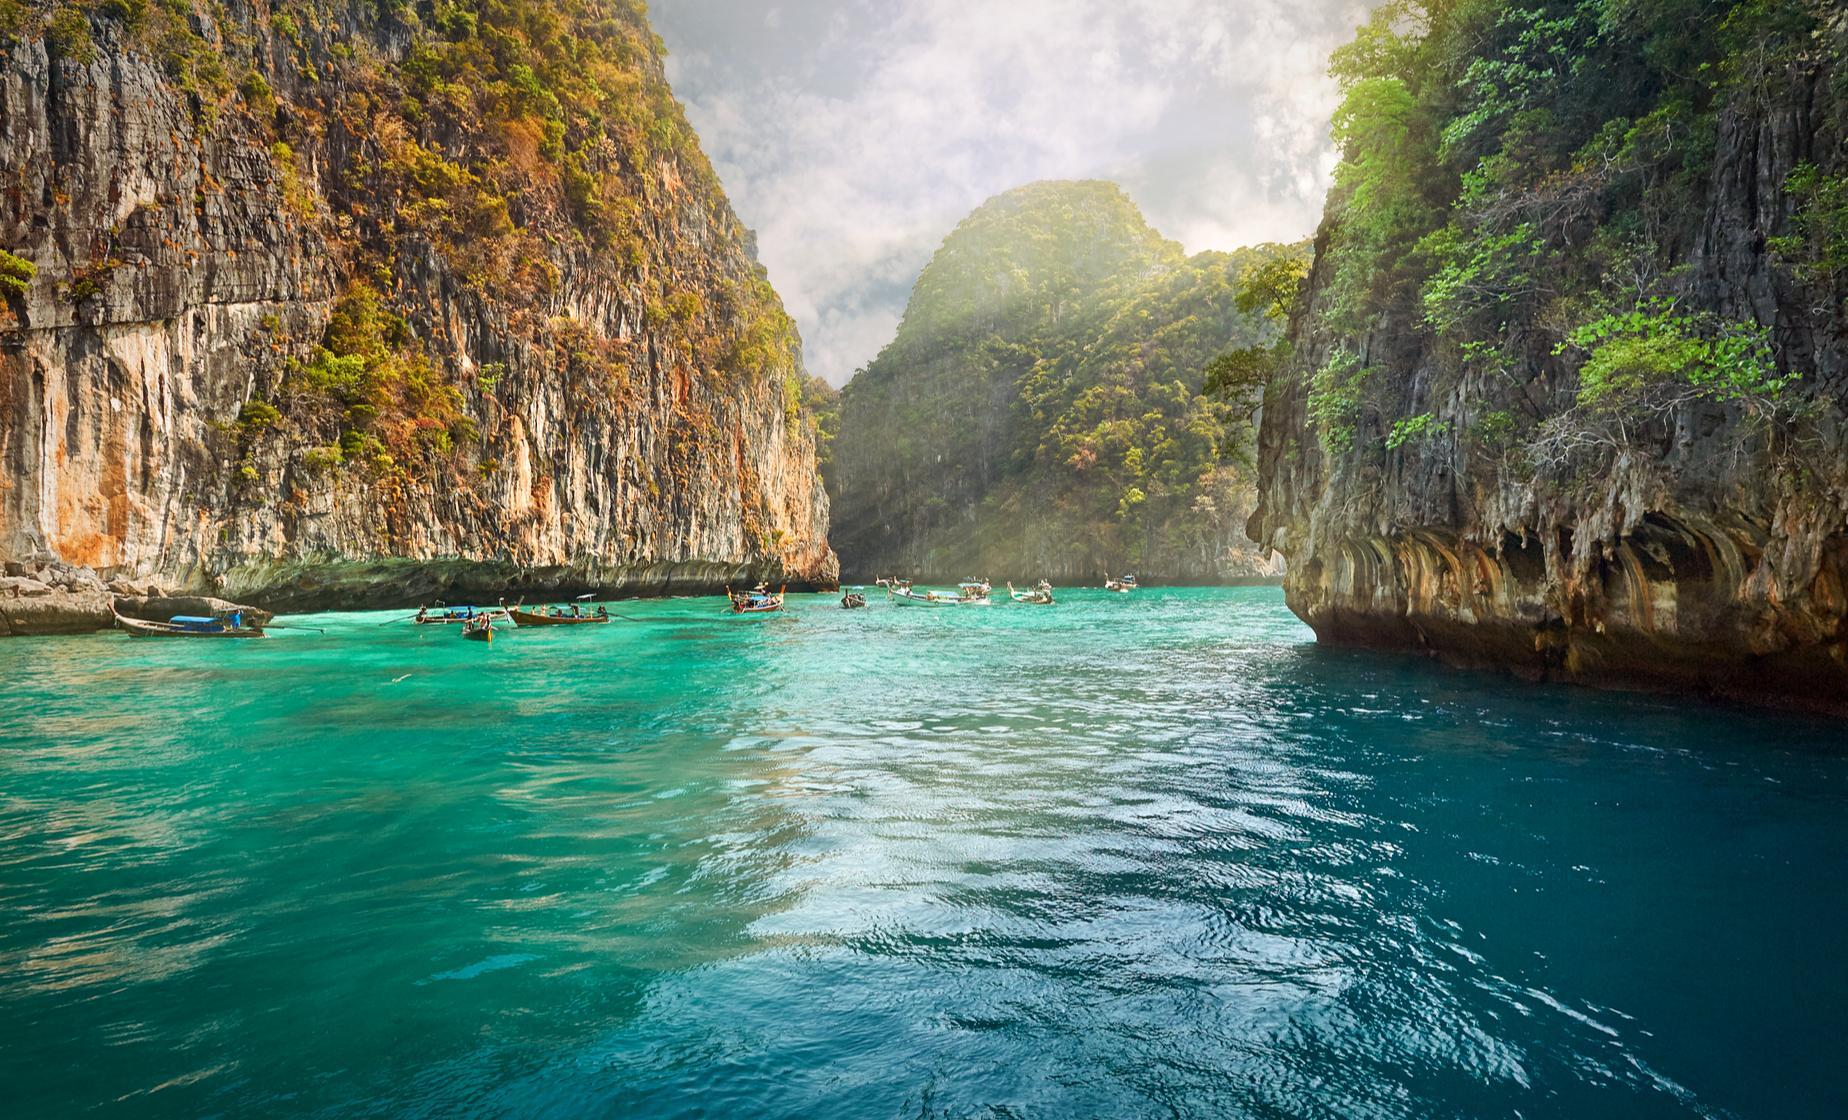 Phuket, Thailand Shore Excursions & Tours - Cruiseline com